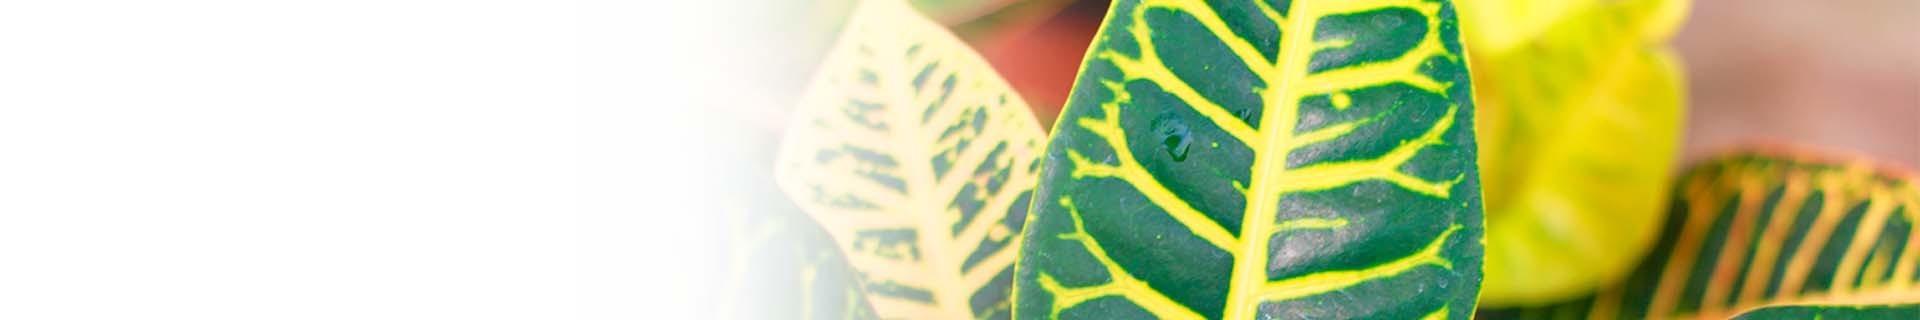 Selección de plantas otoño y macetas decorativas para el hogar.